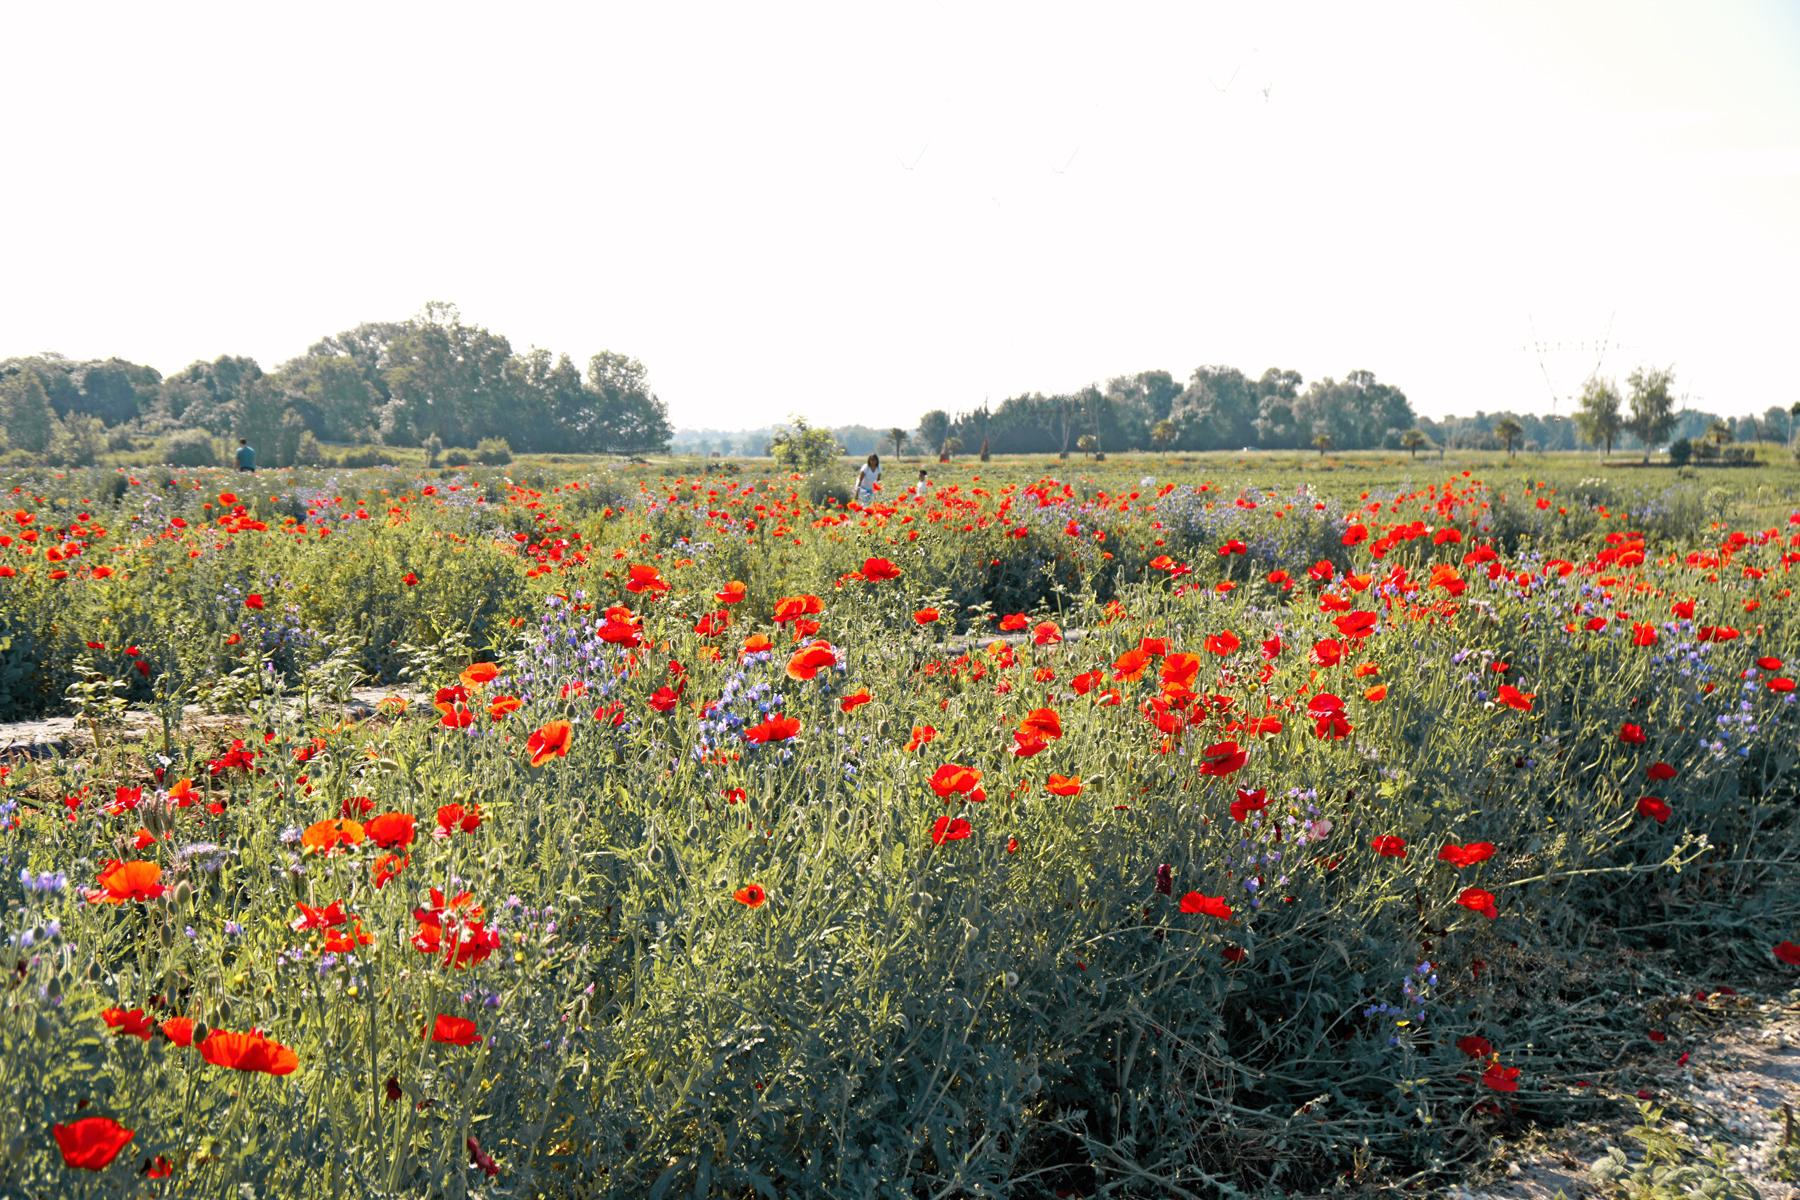 Champs de fleurs à Fraisochamps, Thil